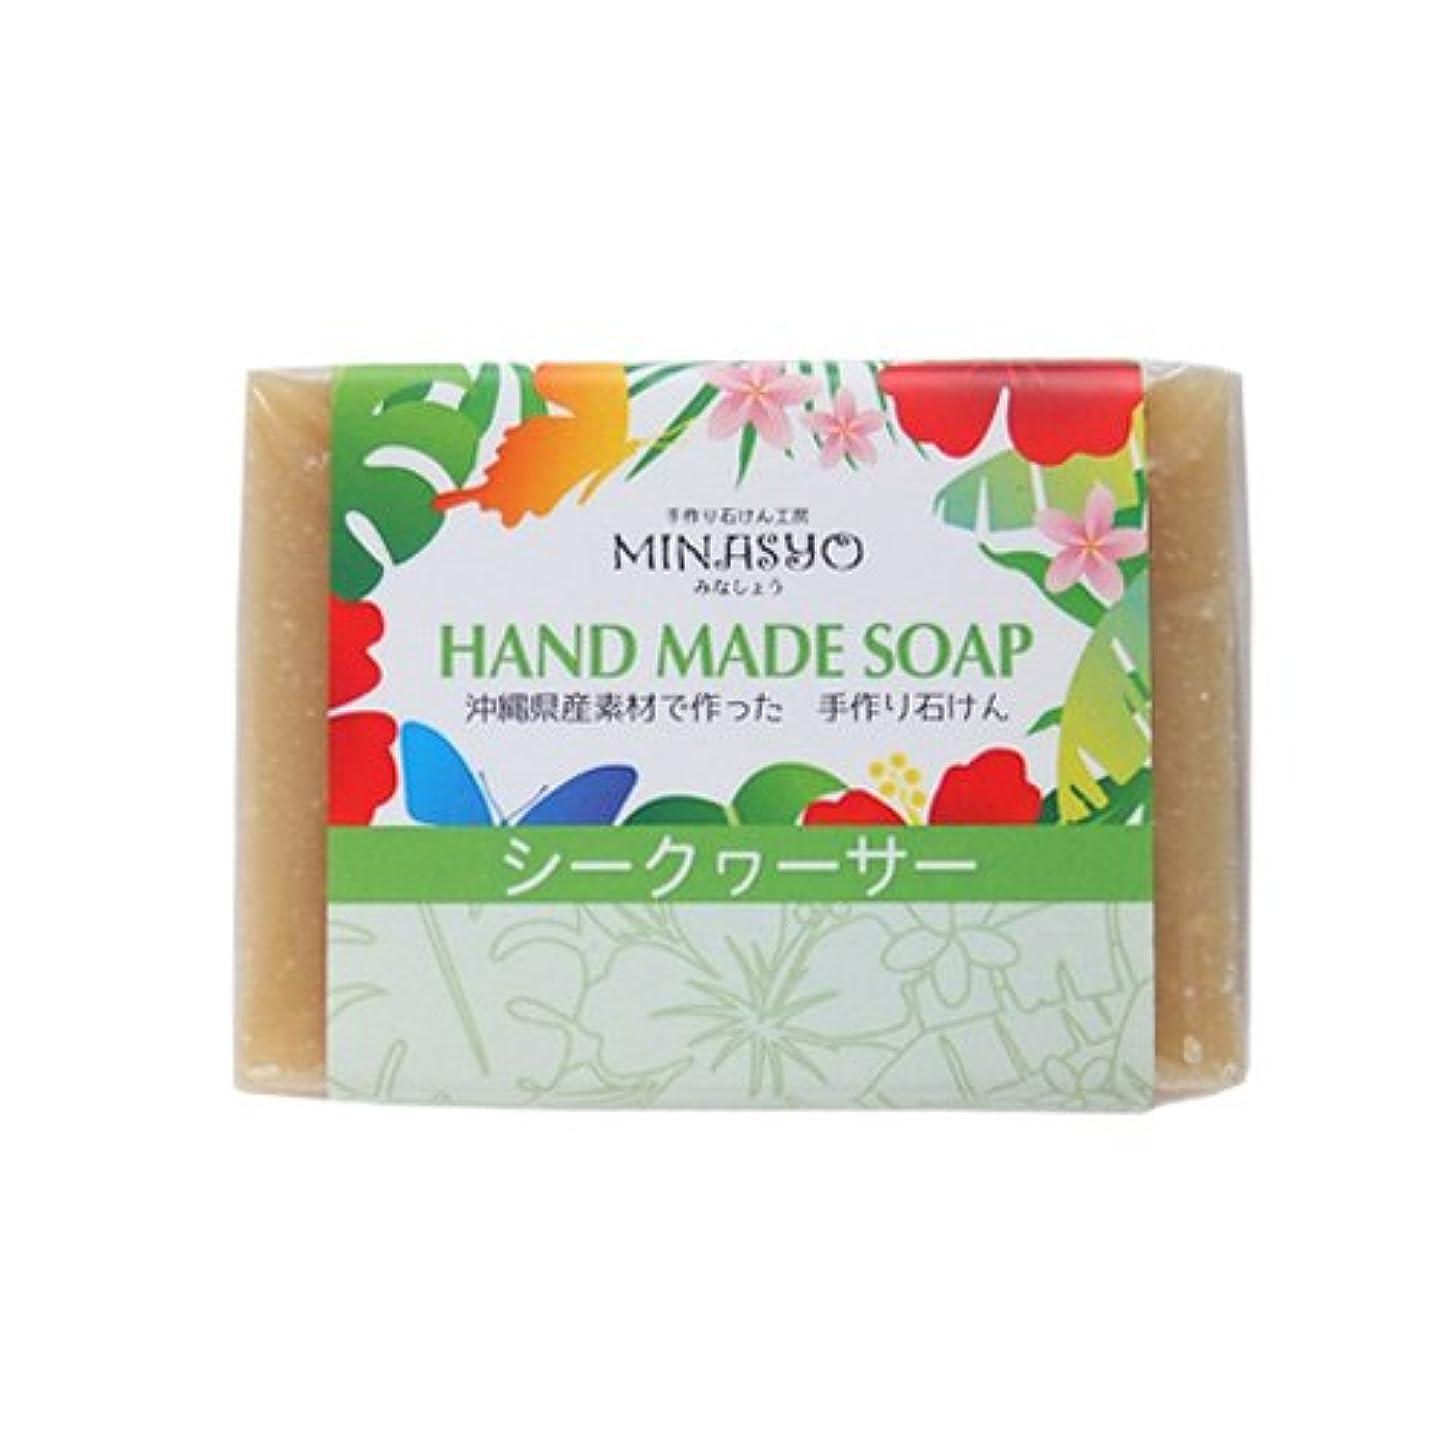 洗顔石鹸 無添加 固形ハンドソープ ボディソープ 手作りシークワーサー石鹸